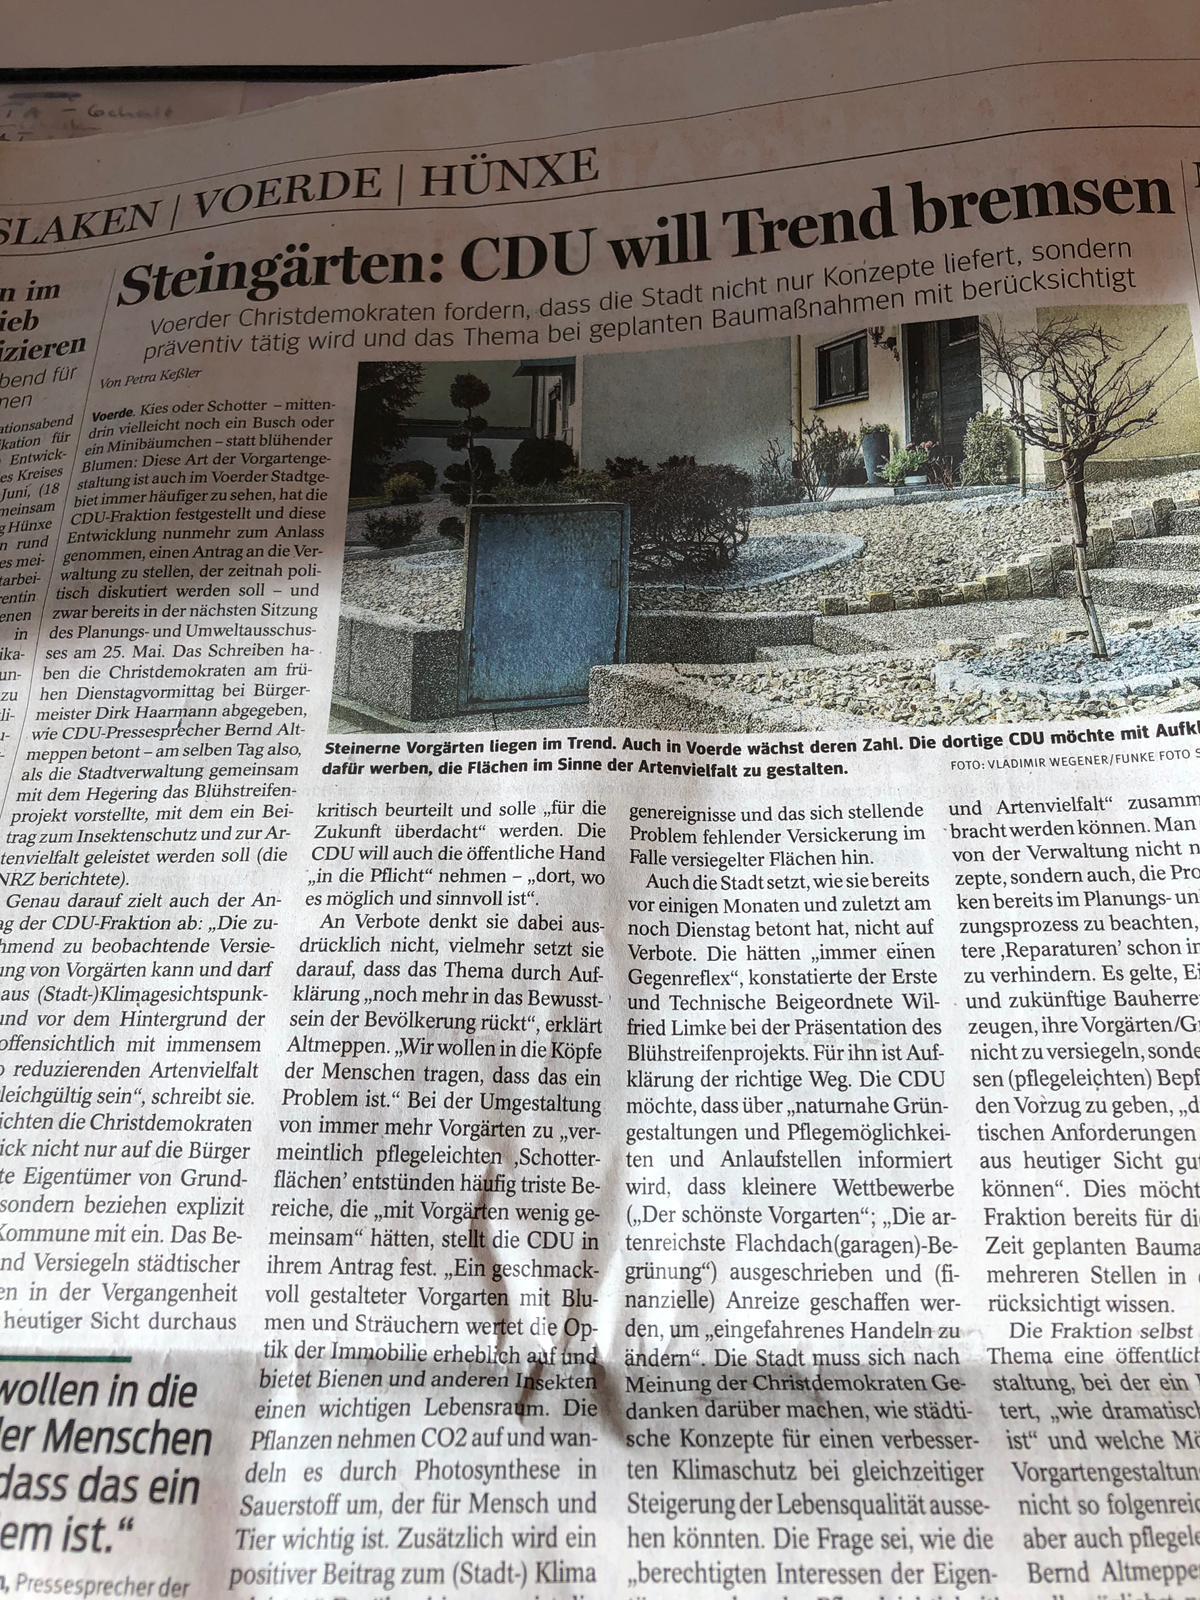 Eine Idee wird ja nicht schlecht, wenn die CDU sie übernimmt ;-)